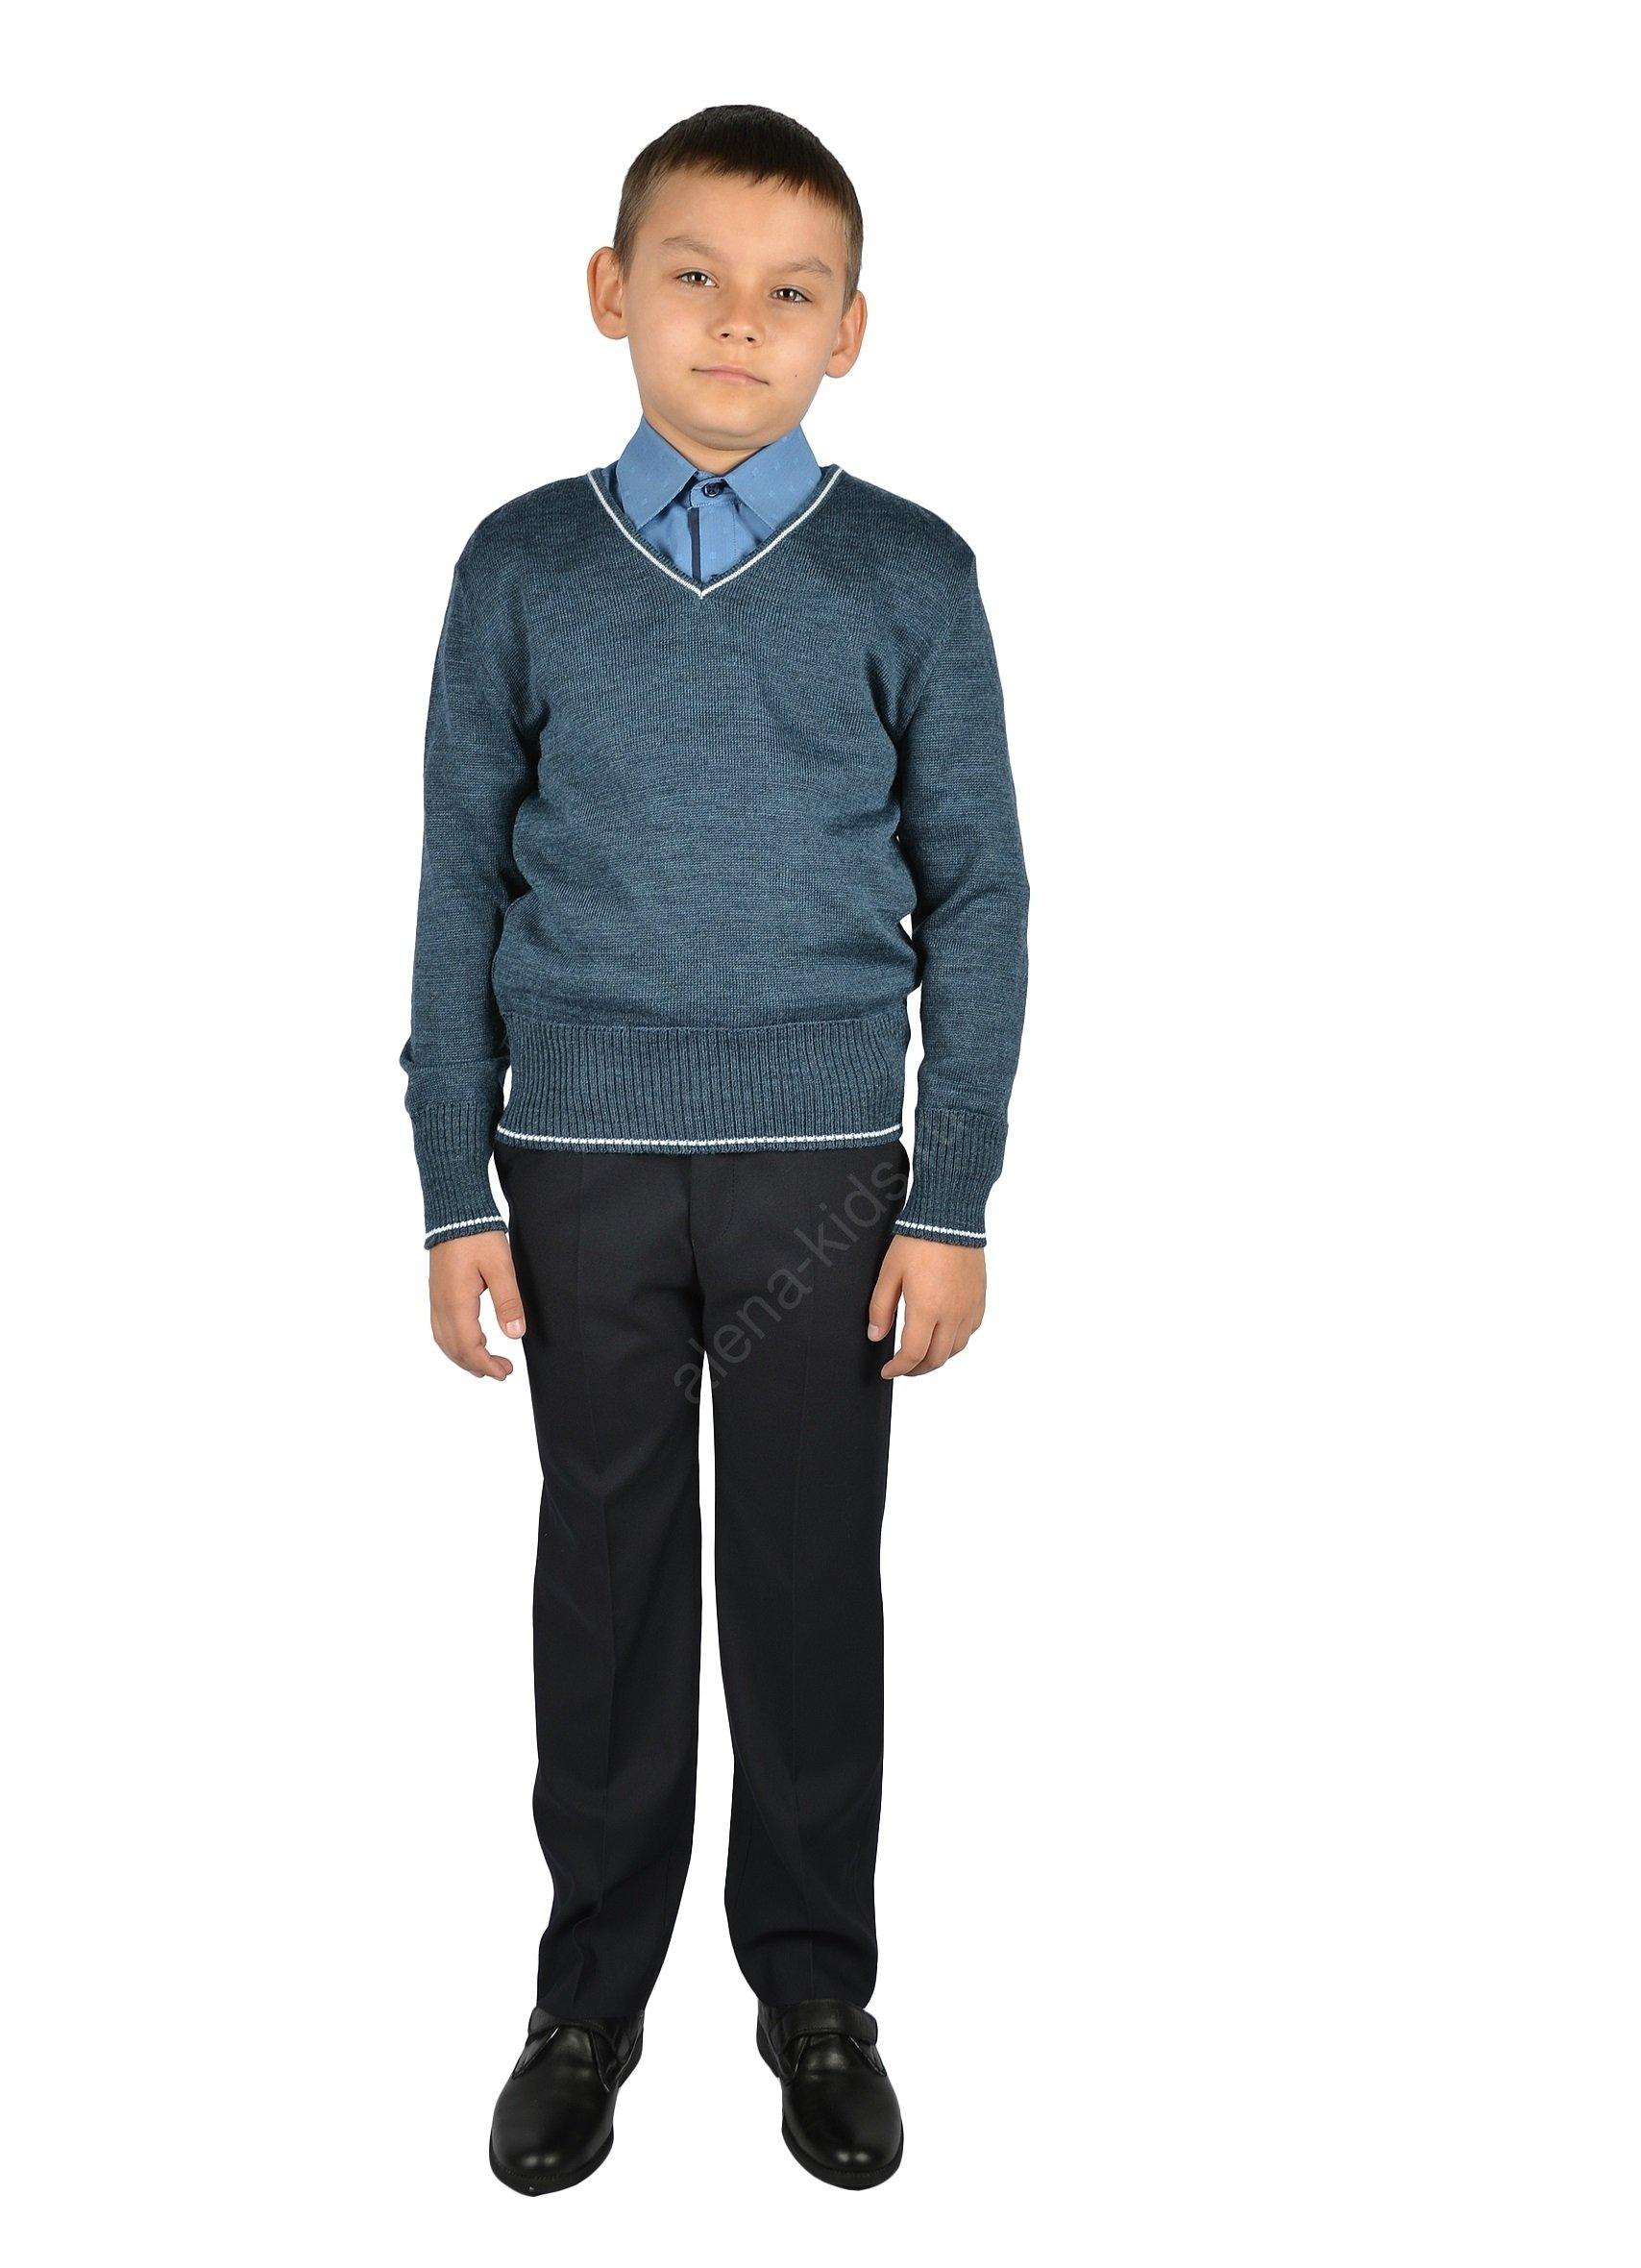 Джемпер для мальчика YSTT-ДД-3син